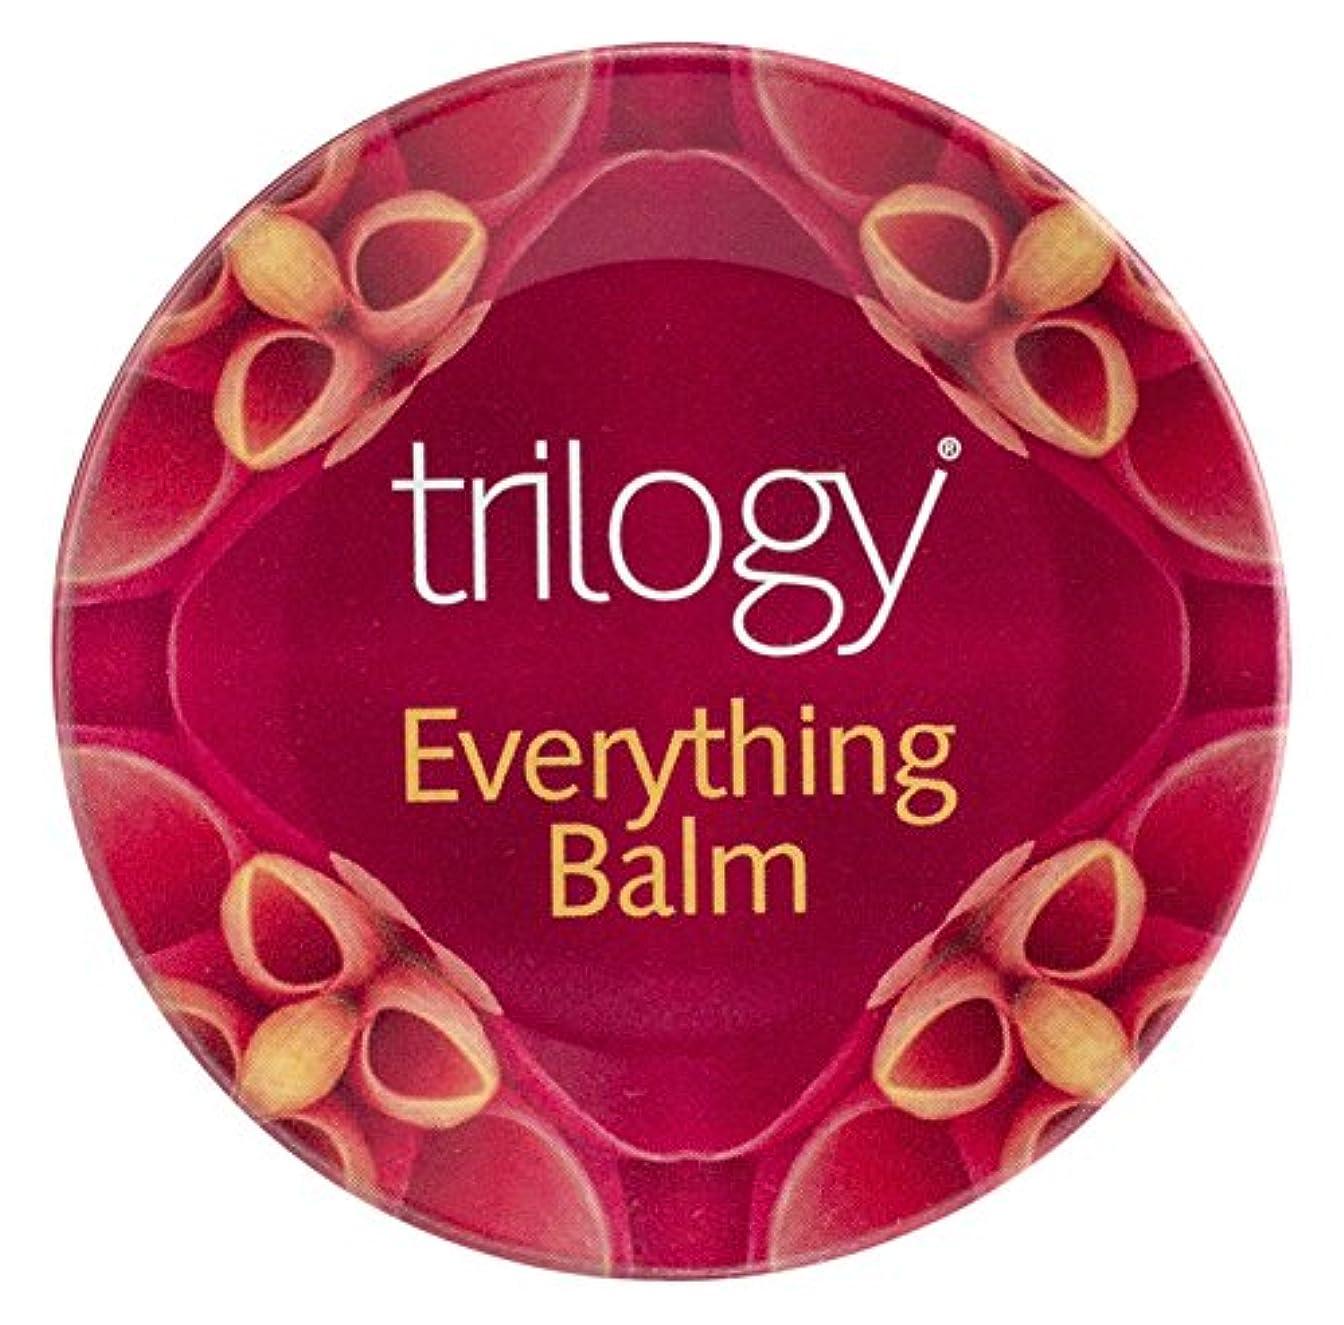 便利トチの実の木アニメーショントリロジー(trilogy) エブリシング バーム 〈全身用バーム〉 (45mL)